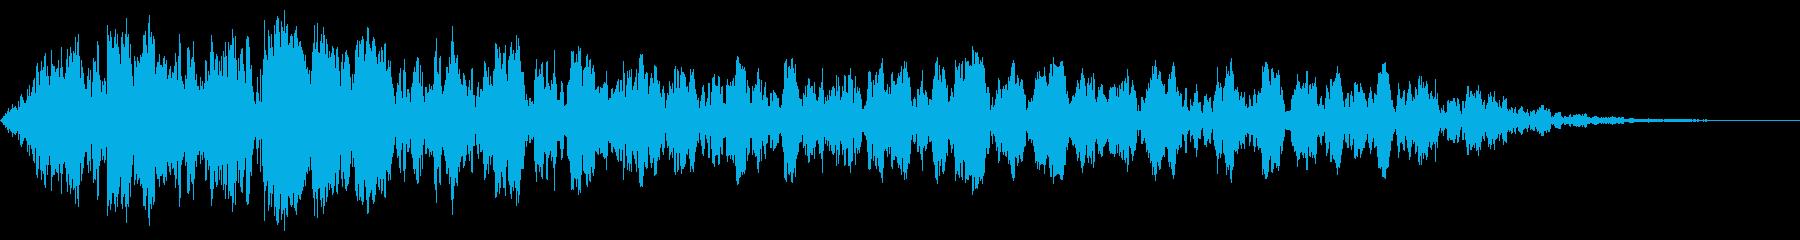 不穏な環境音の再生済みの波形